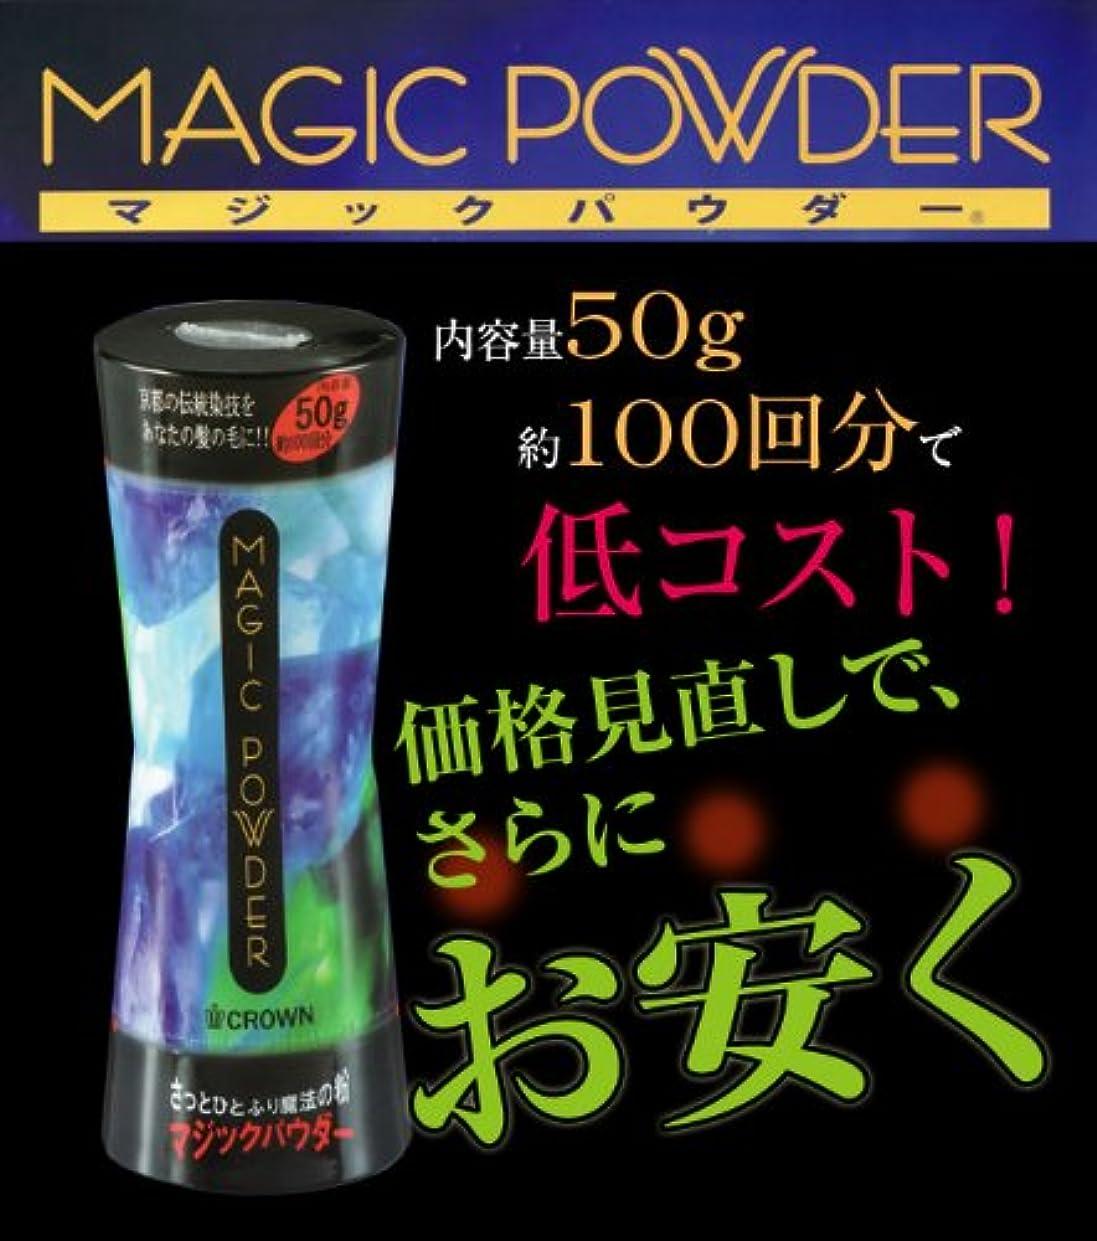 シェルクリケット祈りマジックパウダー 50g 【ブラック】【約100回分】【男女兼用】【MAGIC POWDER】薄毛隠し